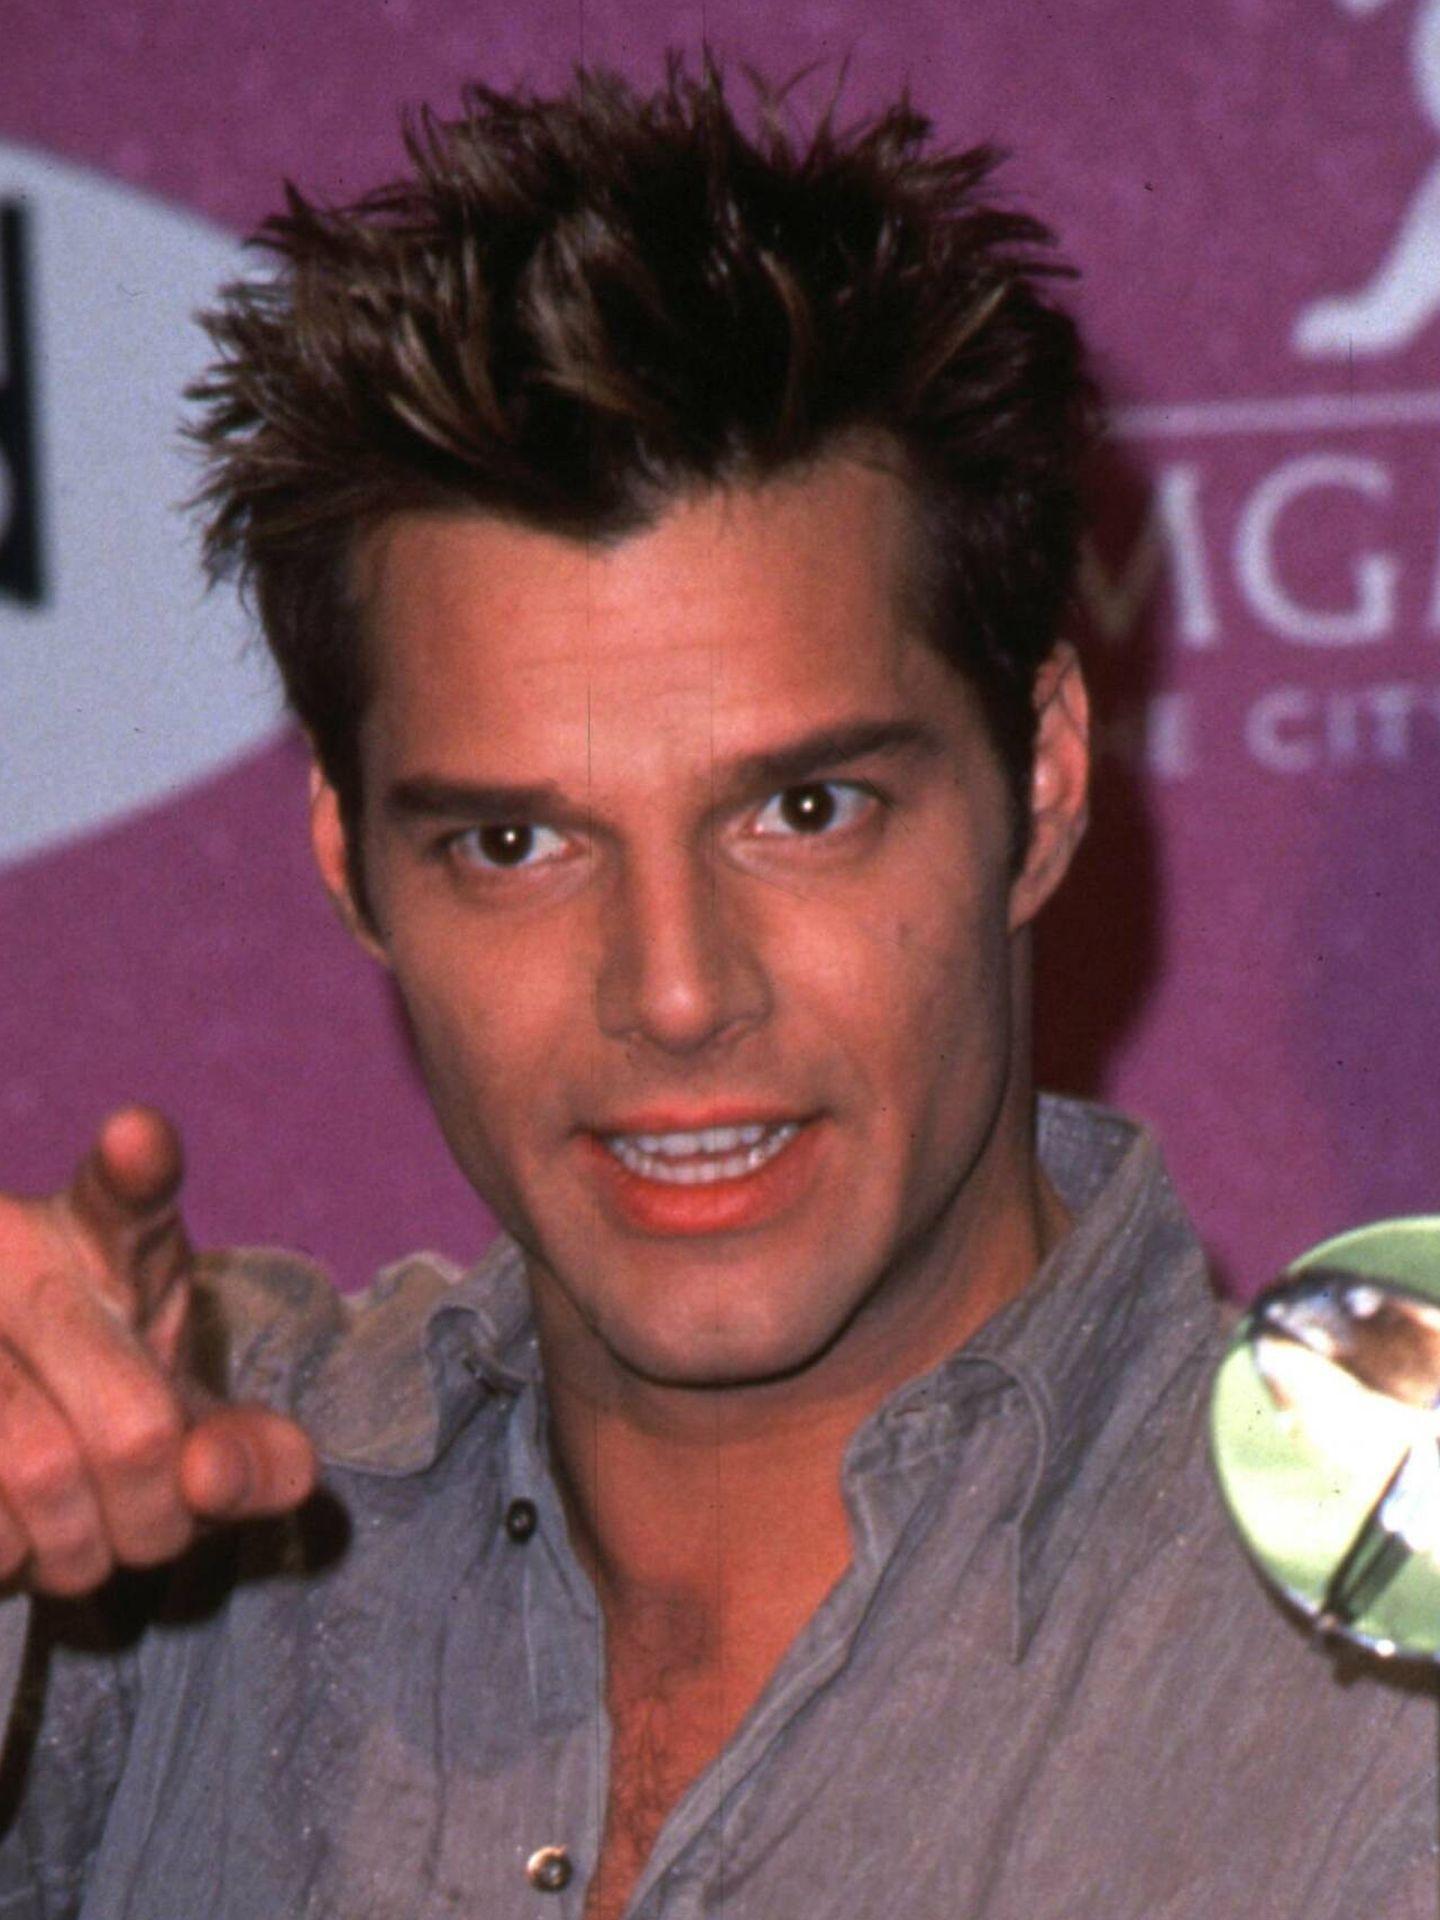 Detalle de la piel de Ricky Martin en los noventa.  (Cordon Press)